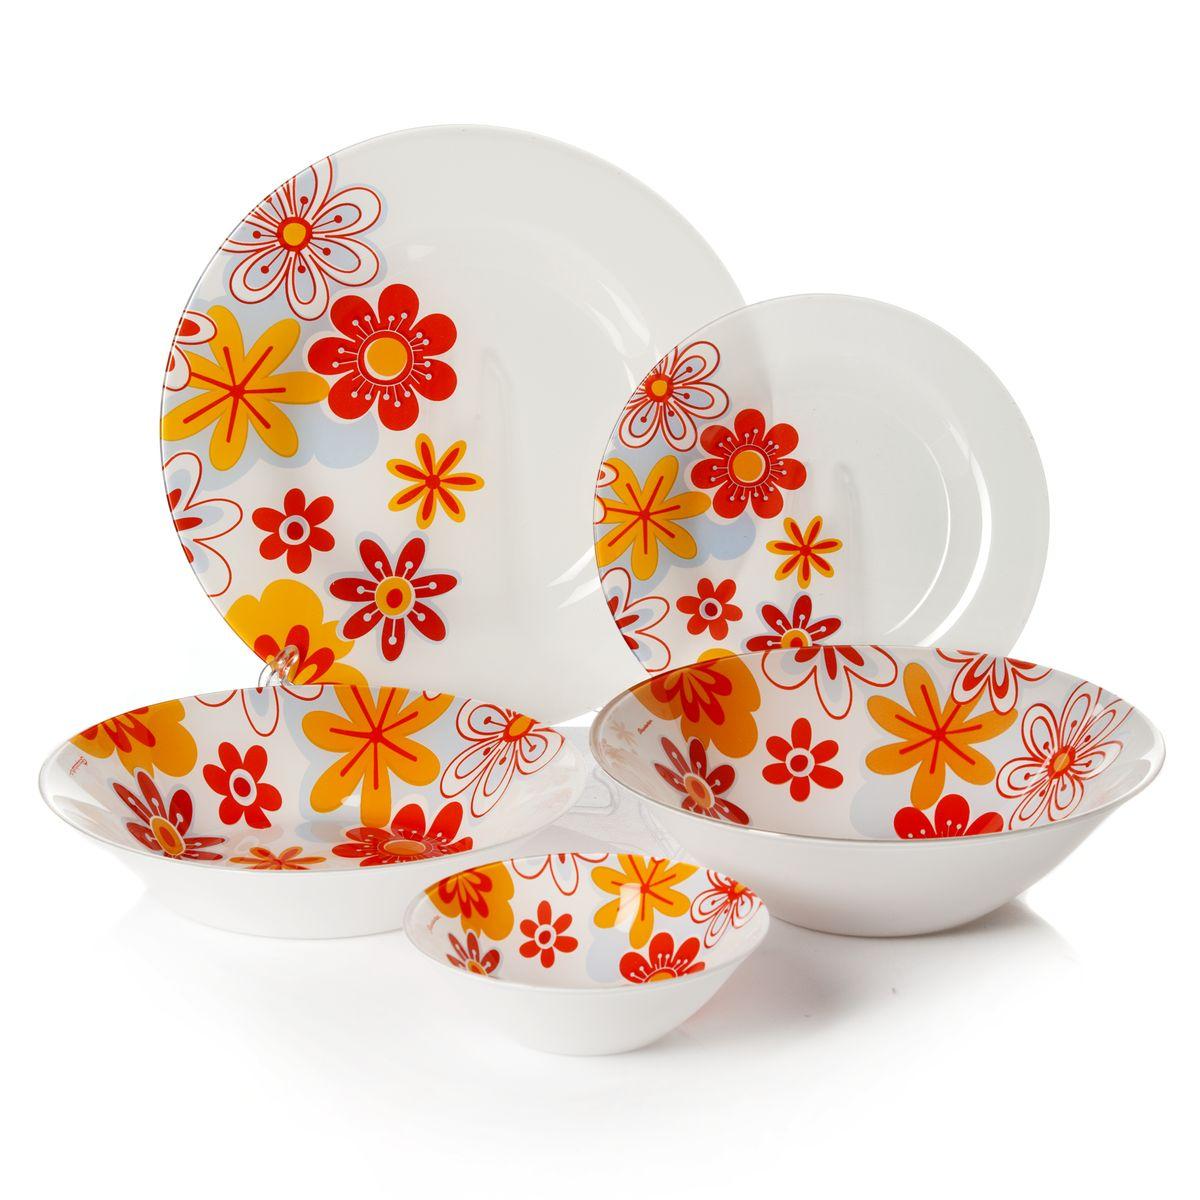 Набор посуды Pasabahce Workshop Summer, цвет: белый, оранжевый, голубой, 25 предметовVT-1520(SR)Набор посуды Pasabahce Summer изготовлен из натрий-кальций-силикатного стекла. Предметы набора оформлены изящным цветочным рисунком. В набор входят: 6 тарелок диаметром 19,5 см, 6 тарелок диаметром 26 см, 6 тарелок диаметром 22 см, 6 салатников диаметром 14 см, салатник диаметром 23 см. Набор создаст отличное настроение во время обеда, будет уместен на любой кухне и понравится каждой хозяйке. Практичный и современный дизайн делает набор довольно простым и удобным в эксплуатации. Изделия можно мыть в посудомоечной машине.Количество тарелок: 18 шт.Диаметры тарелок: 19,5 см (6 шт), 22 см (6 шт), 26 см (6 шт).Высота стенок тарелок: 1,5 см, 4,5 см, 2 см.Количество салатников: 7 шт.Диаметры салатников: 14 см (6 шт), 23 см (1 шт). Высота стенок салатников: 4,5 см, 6,5 см.